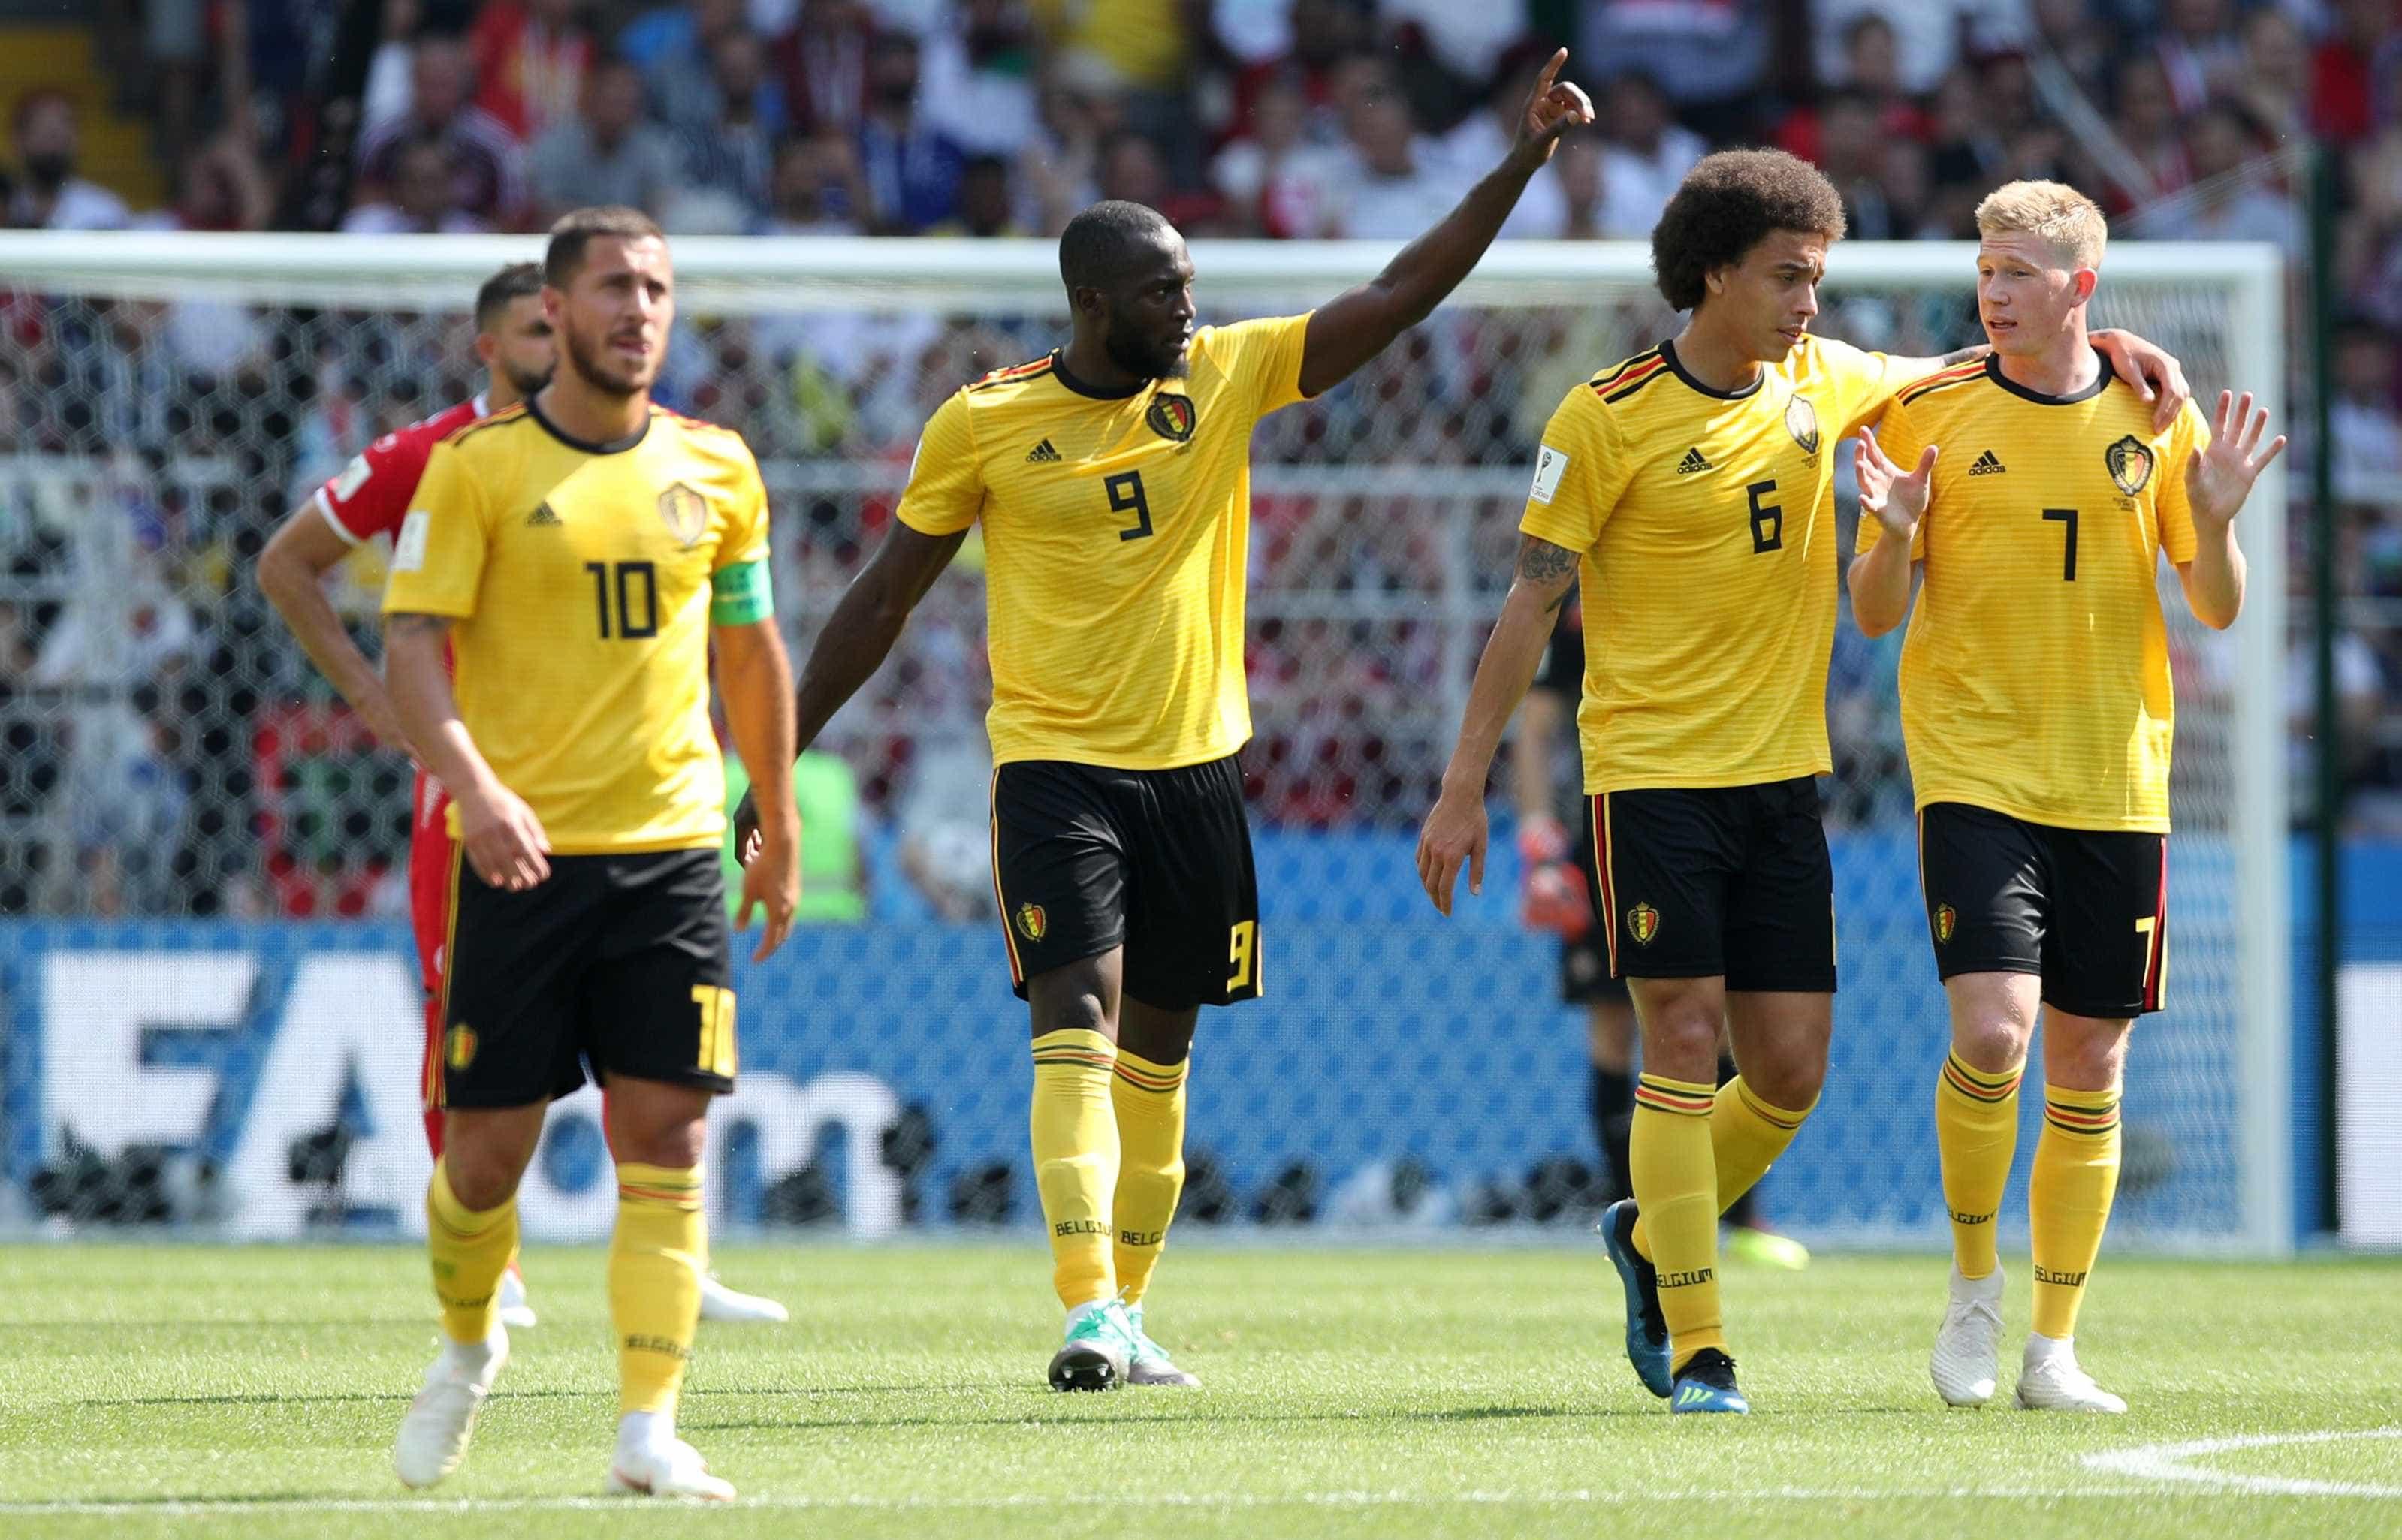 Bélgica goleia a Tunísia por 5 a 2 em Moscou e lidera o Grupo G